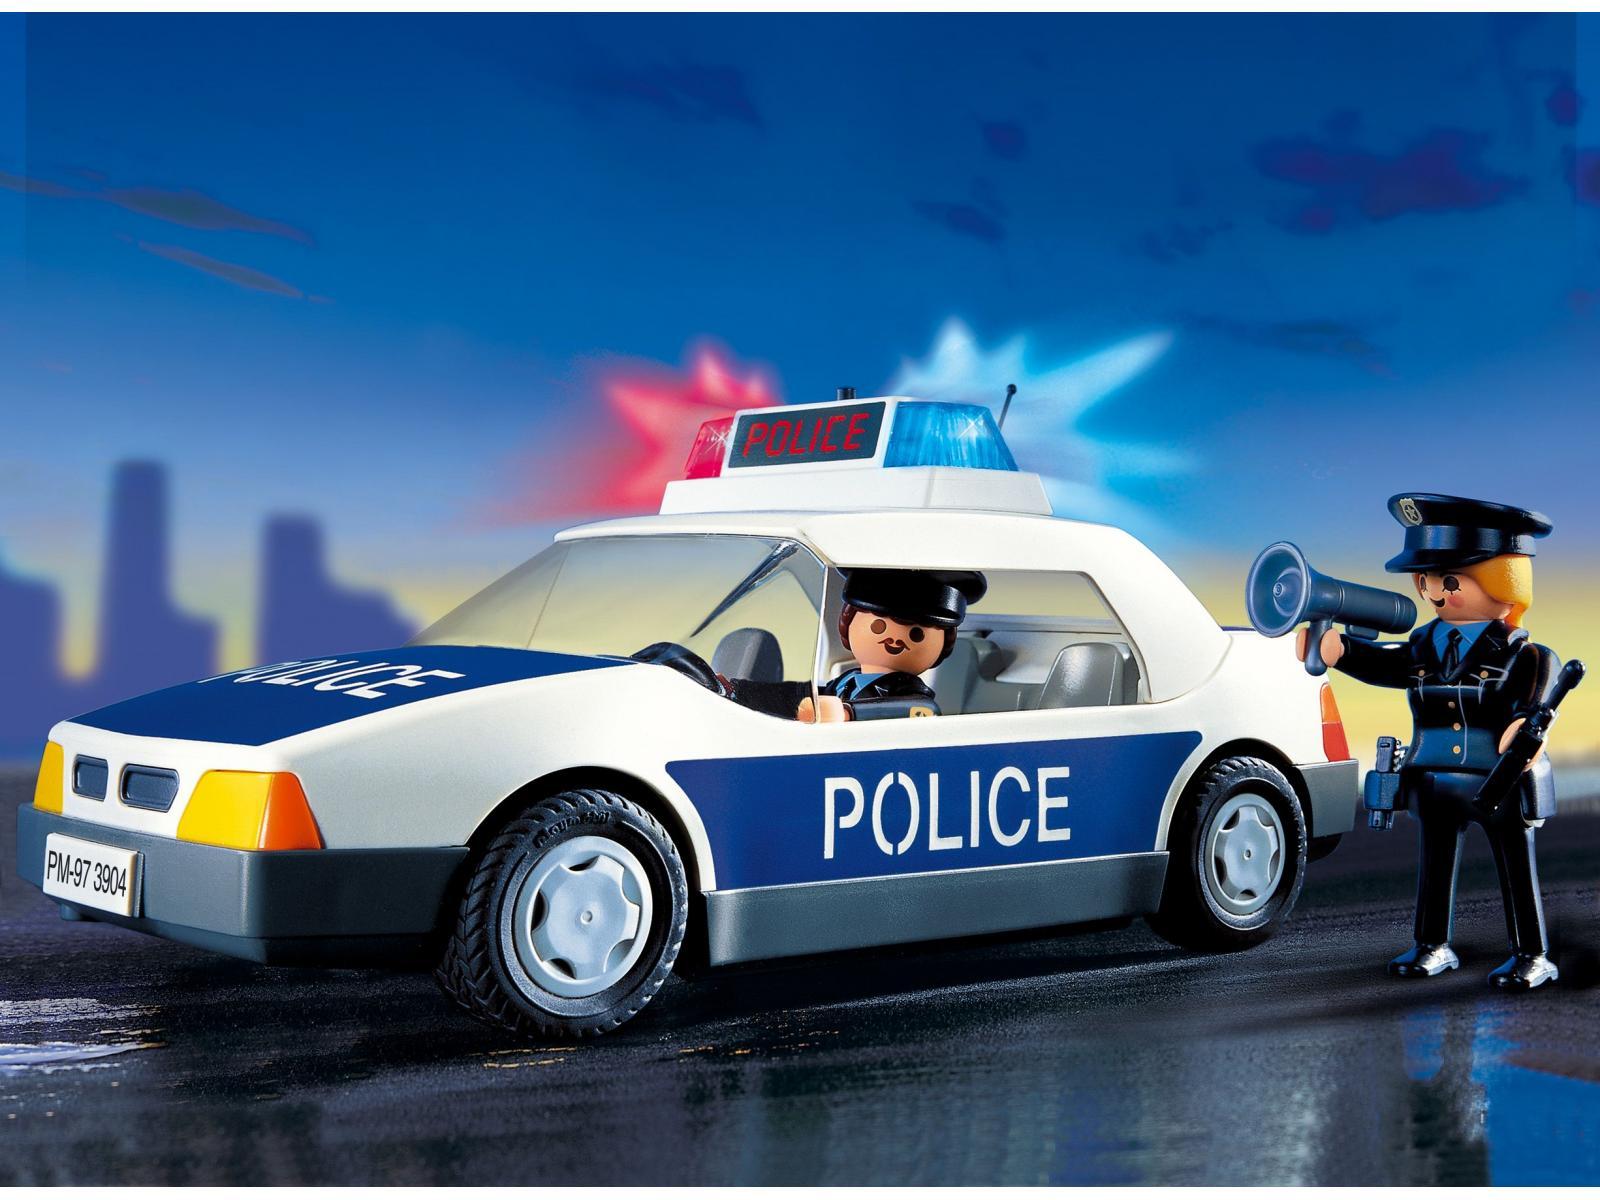 Voiture de police Wallpaper